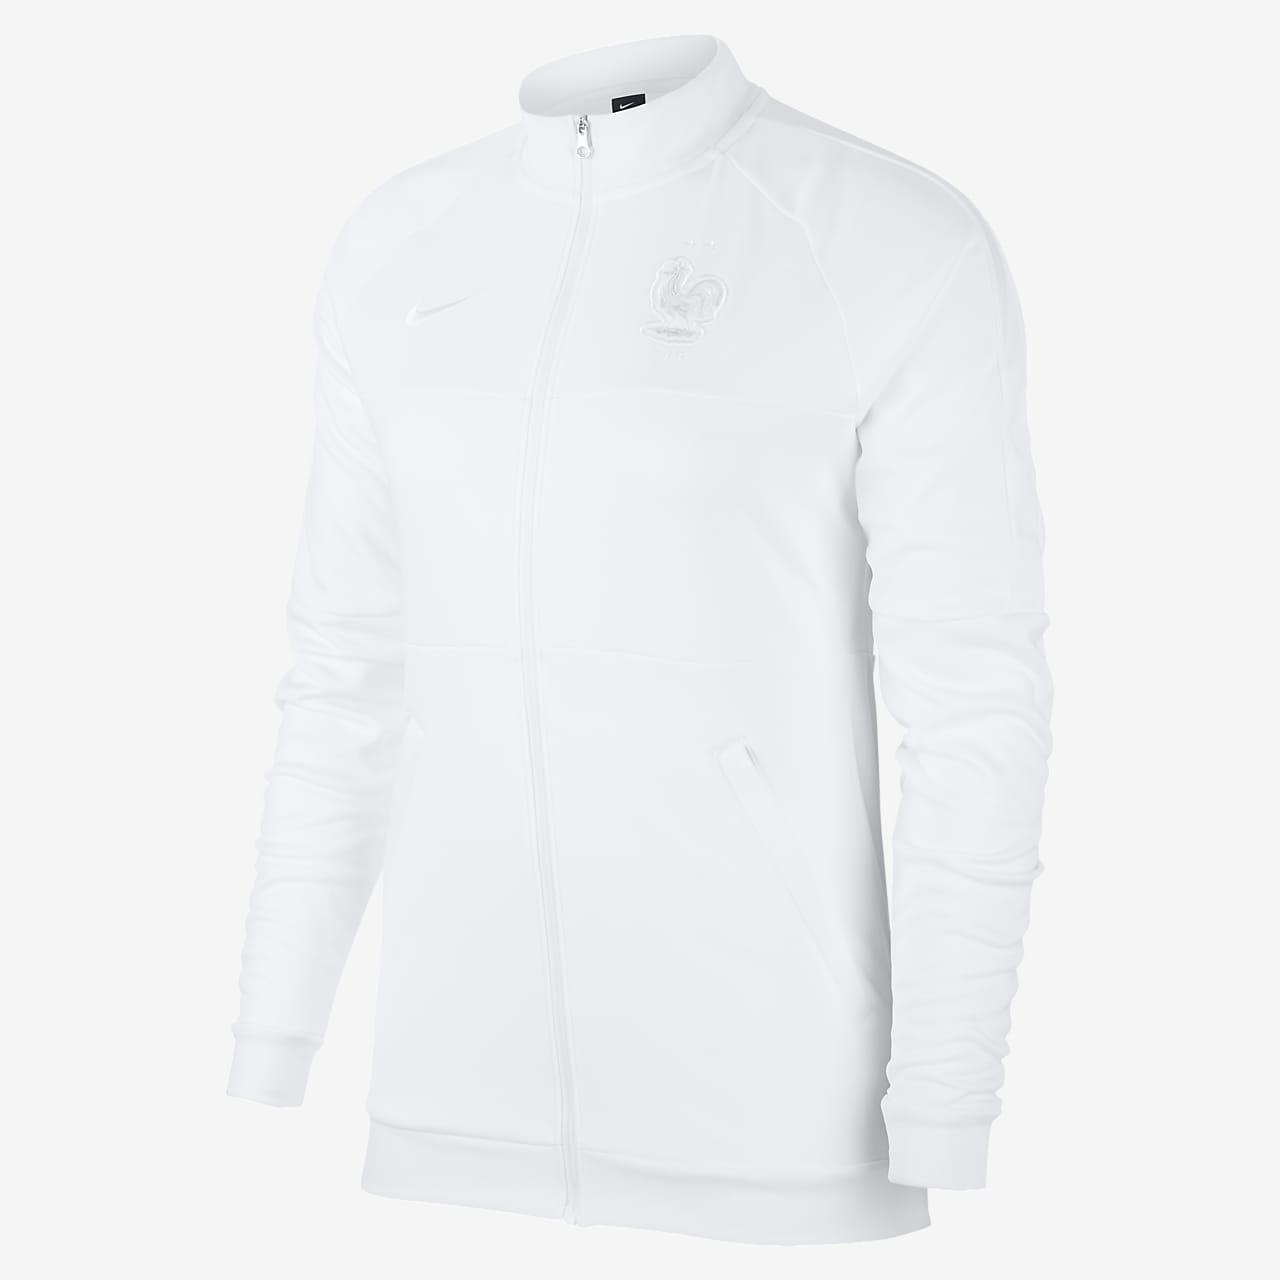 FFF Kadın Futbol Antrenman Ceketi